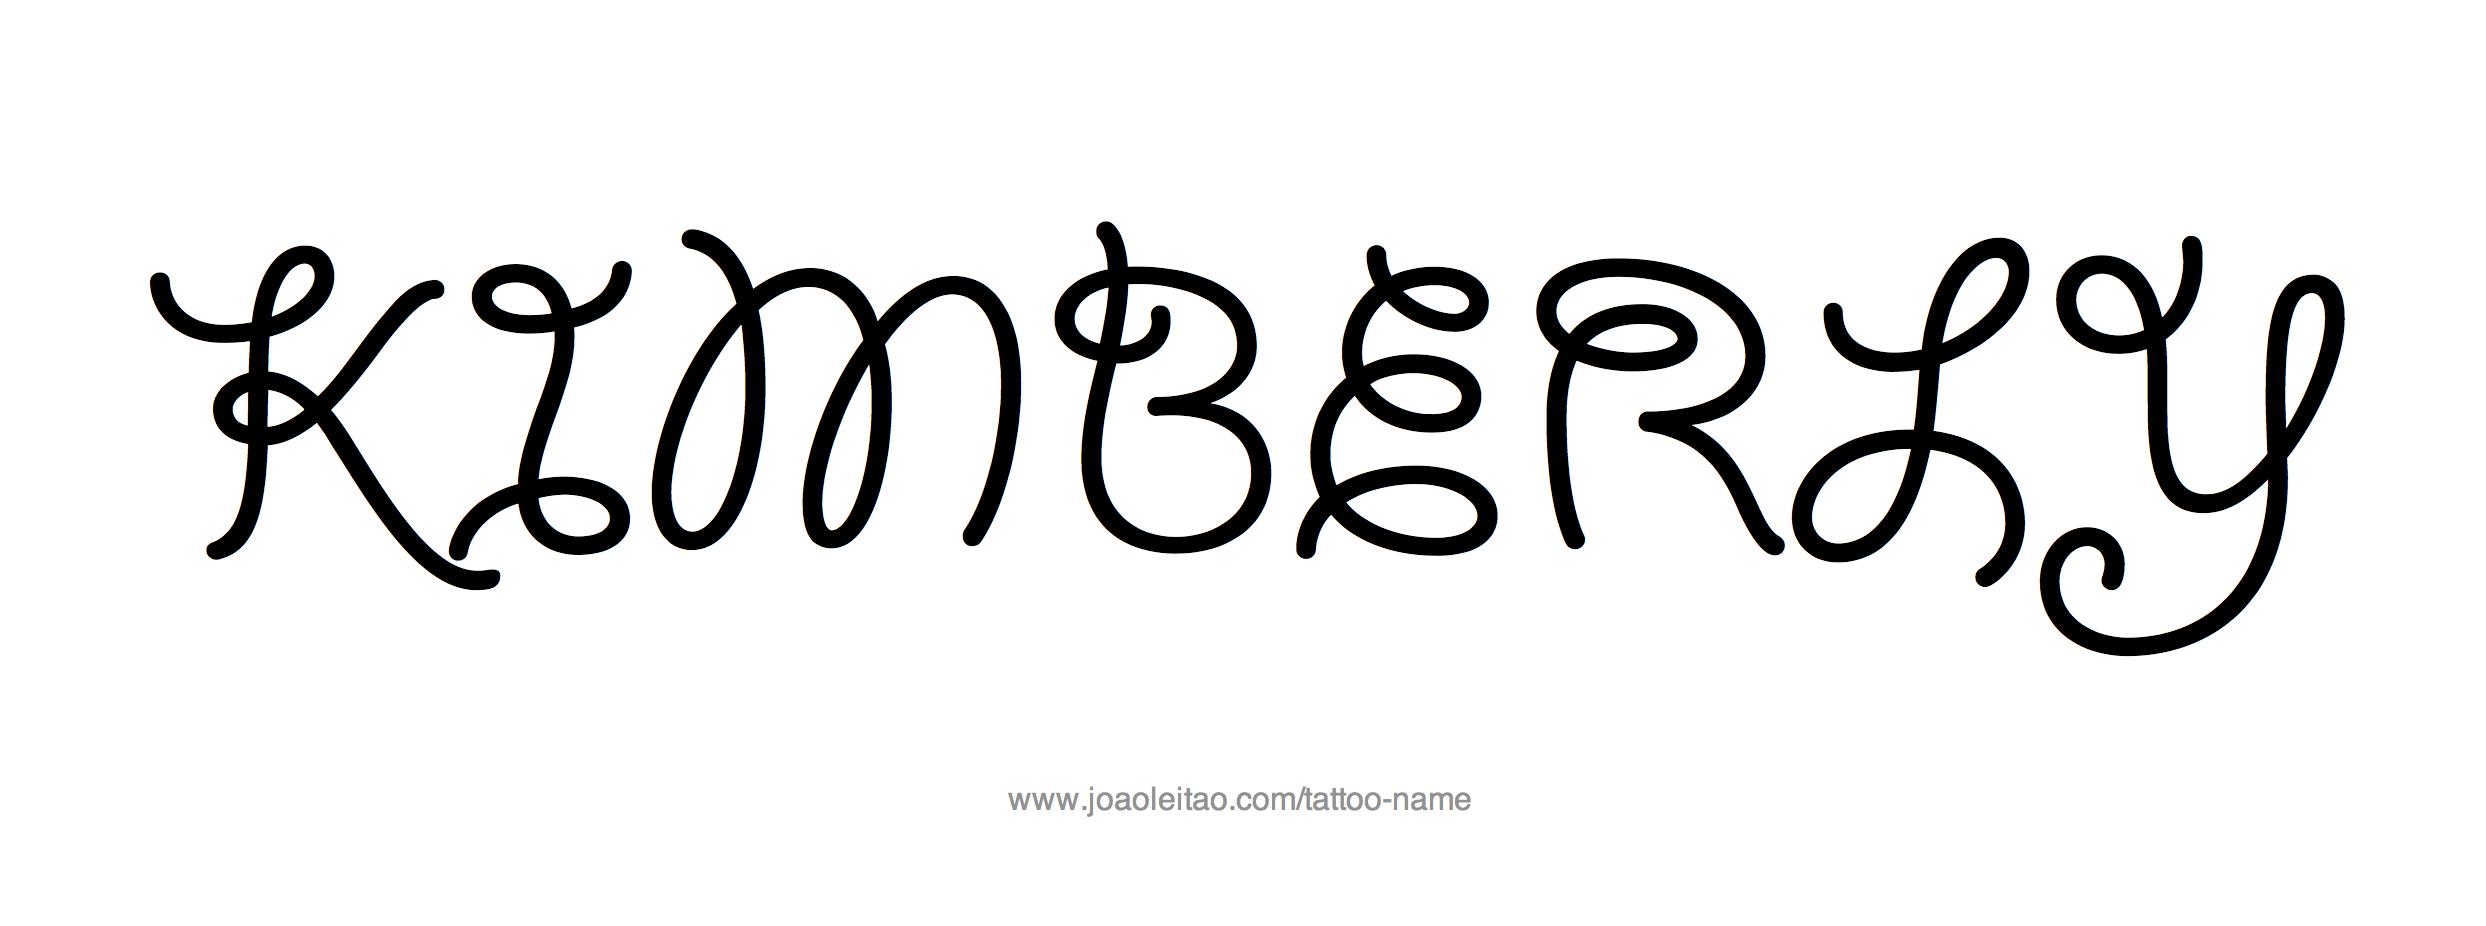 Kimberly Name Tattoo Designs Name Tattoos Name Tattoo Names